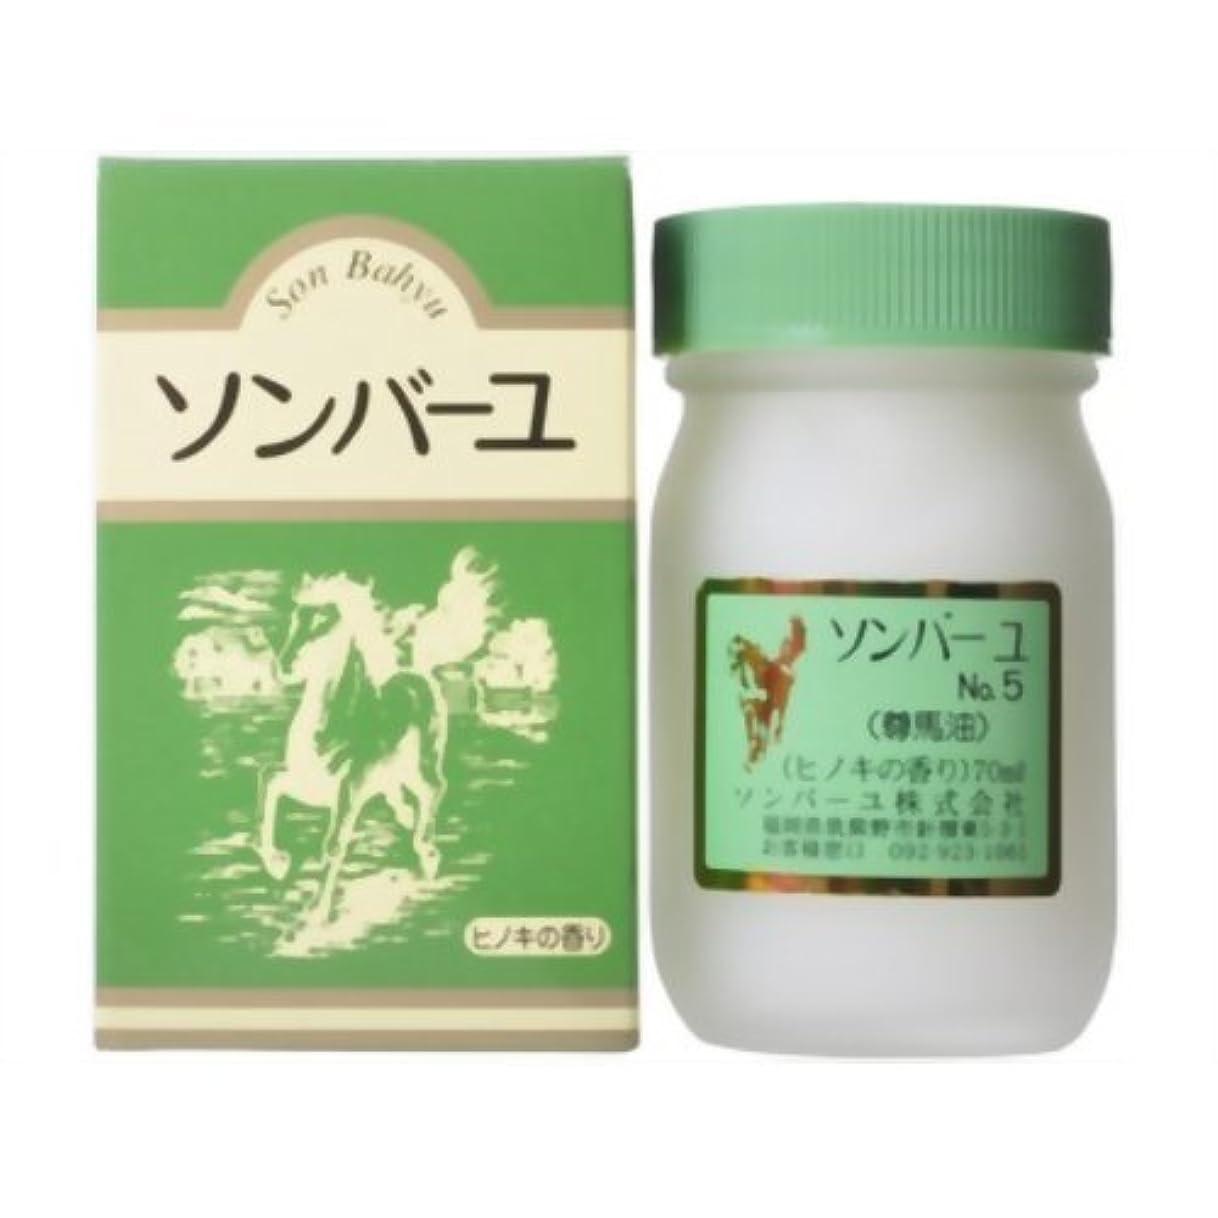 遅れ持続する人口ソンバーユ ヒノキの香り 70ml